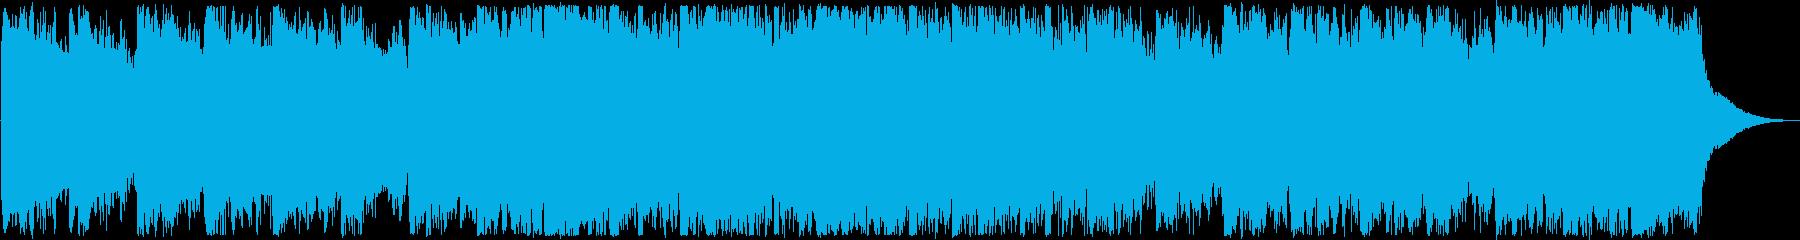 オープニング・洋楽・爽やかな男性ボーカルの再生済みの波形